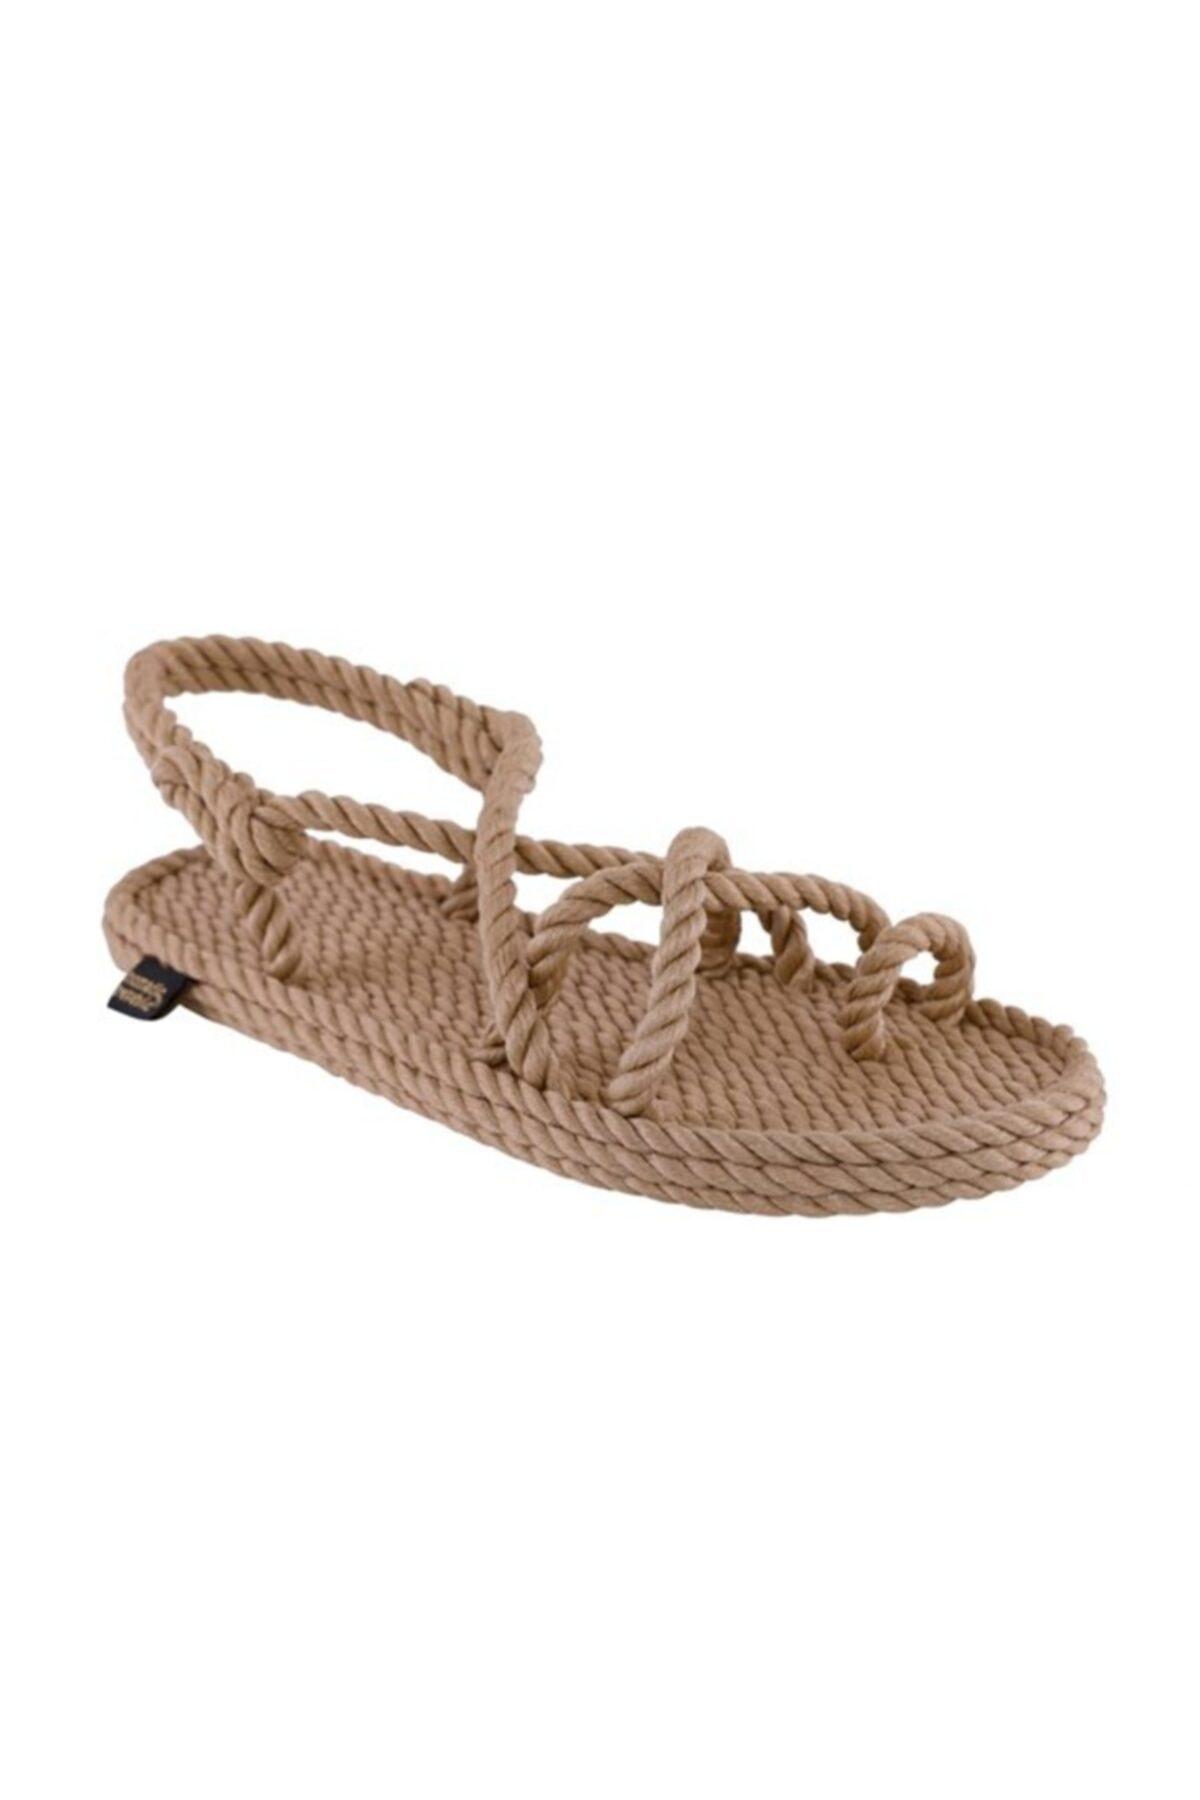 Nomadic Republic Ibiza Kadın Halat Sandalet - Bej 1